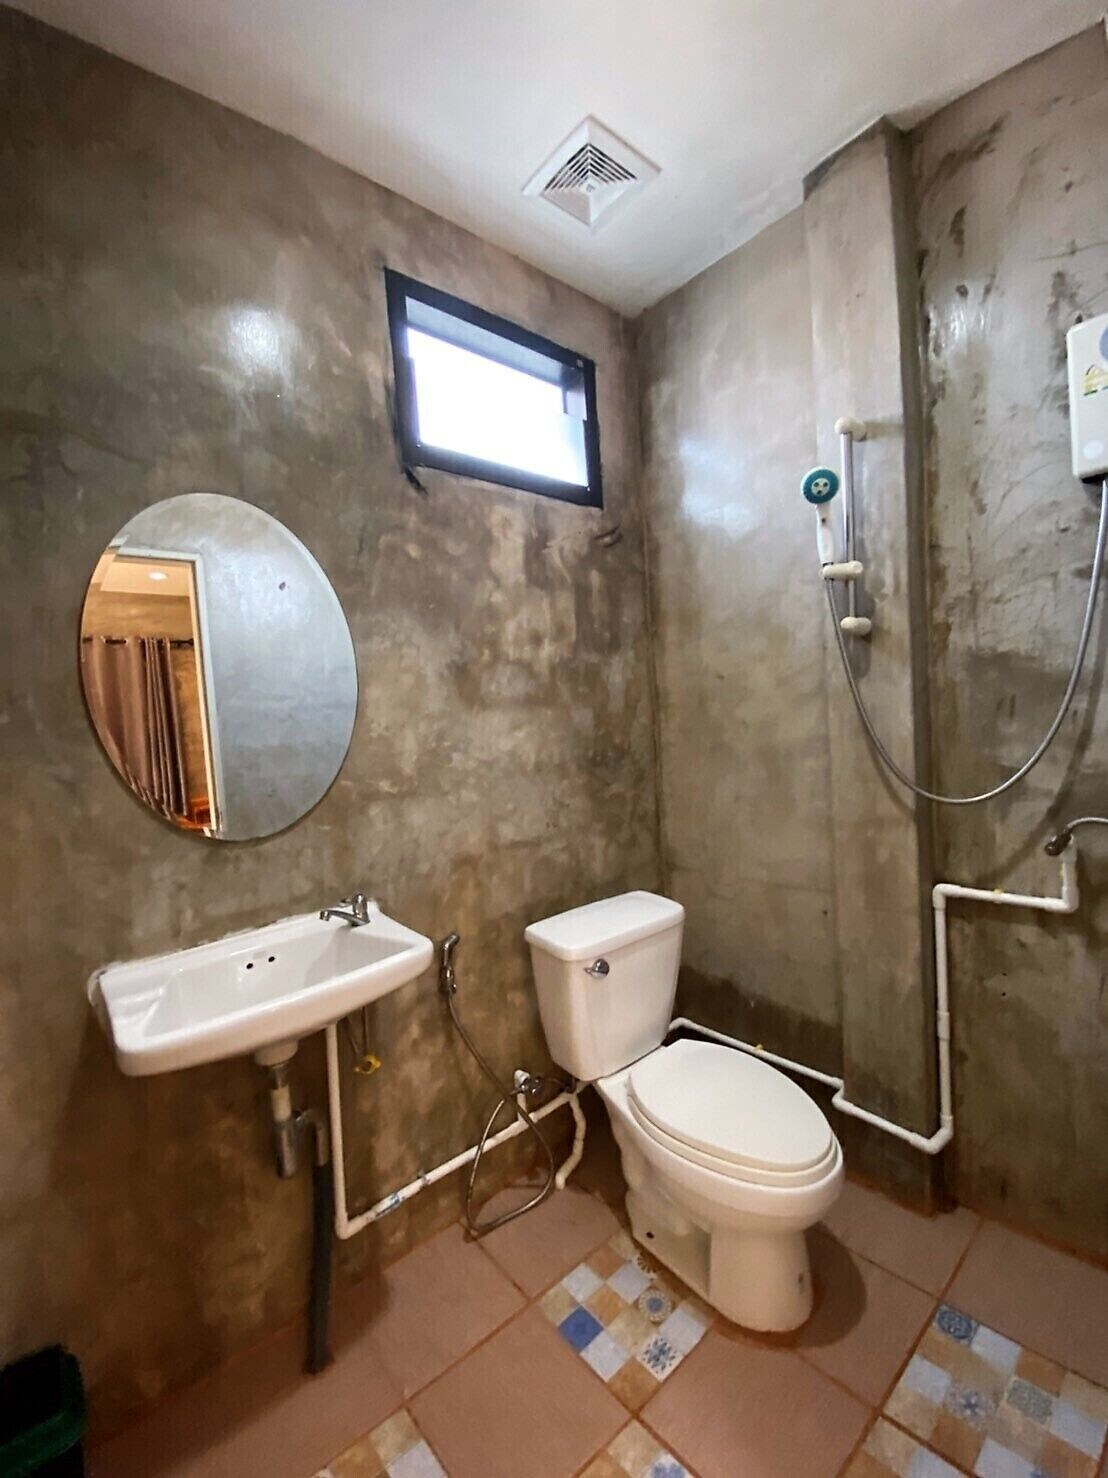 OYO 945 The Rome resort, Pran Buri